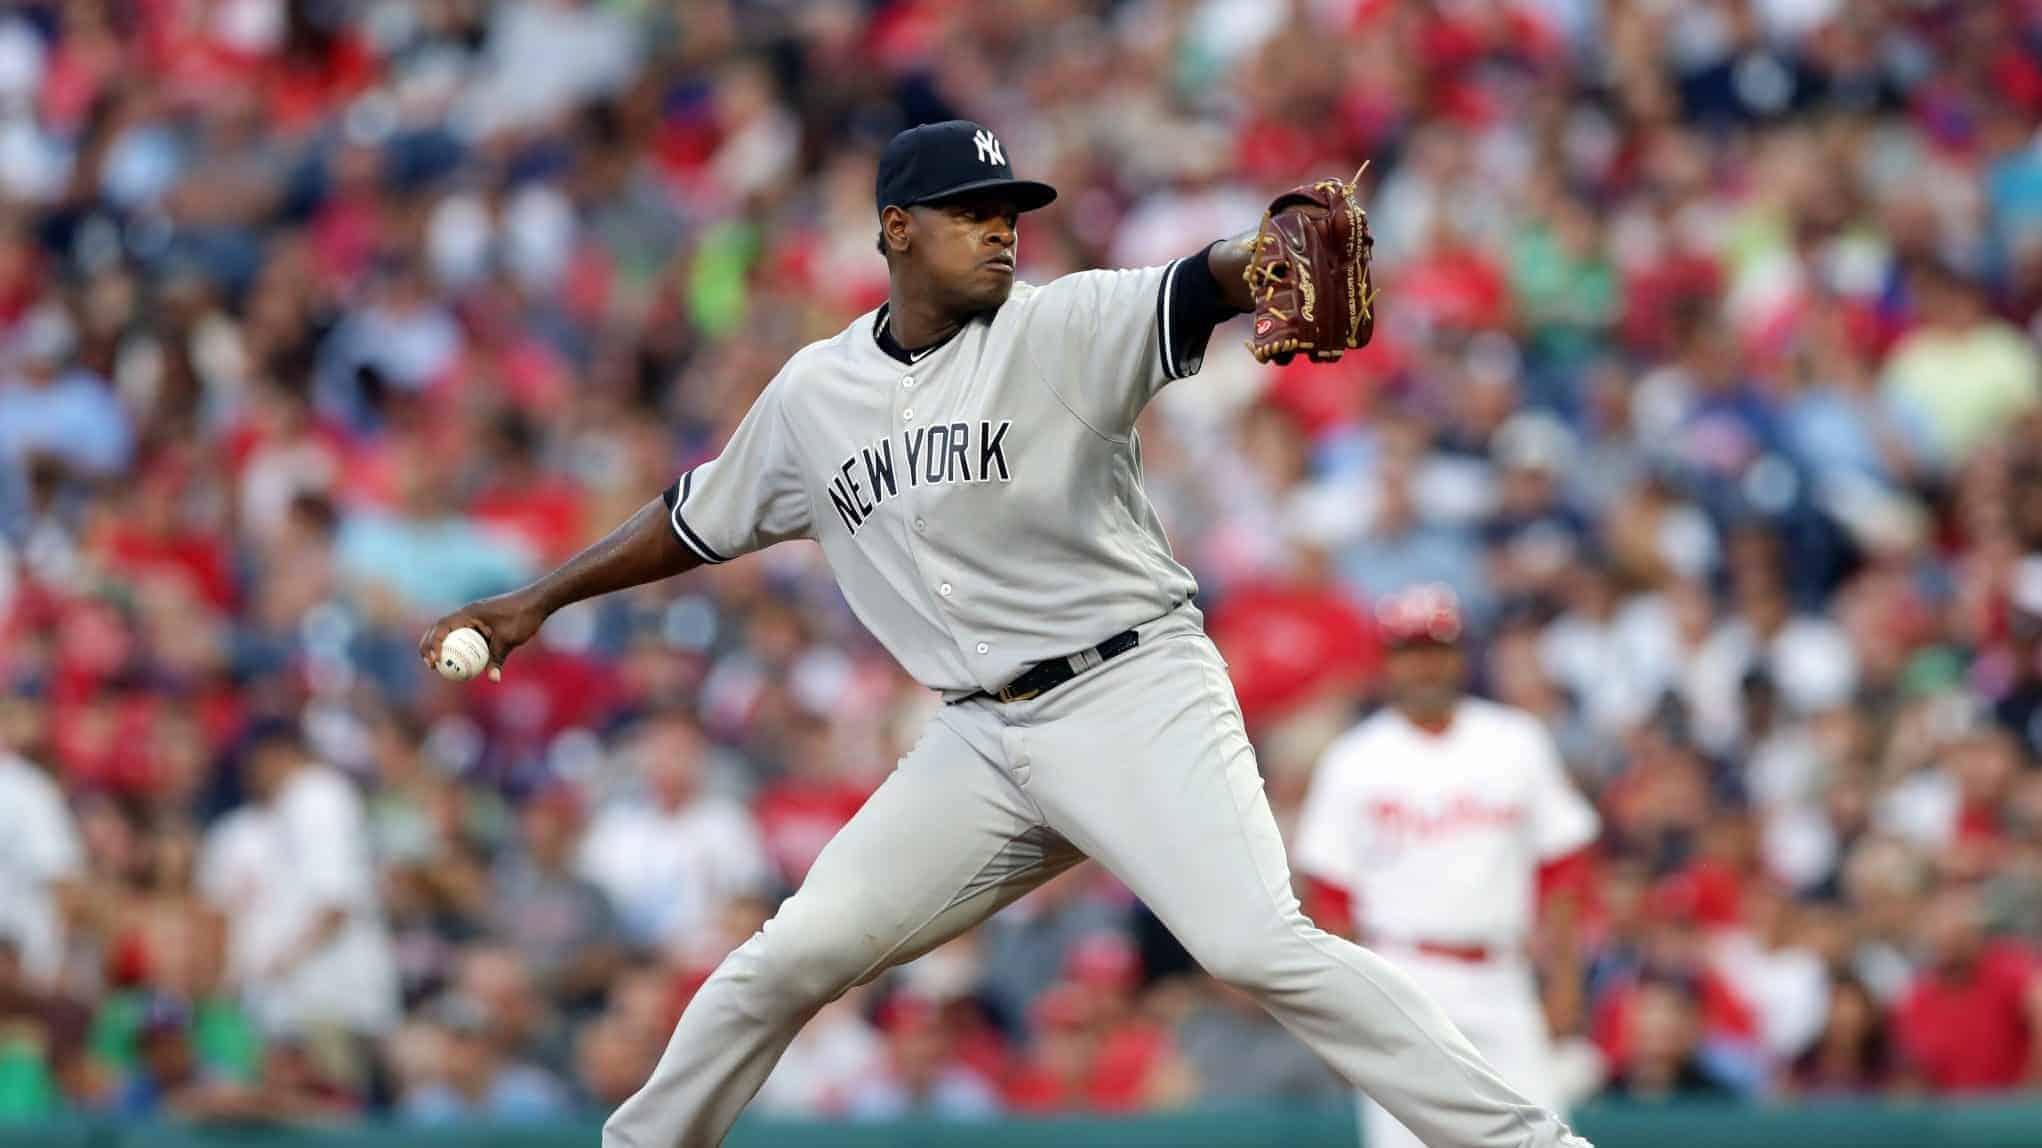 New York Yankees Luis Severino